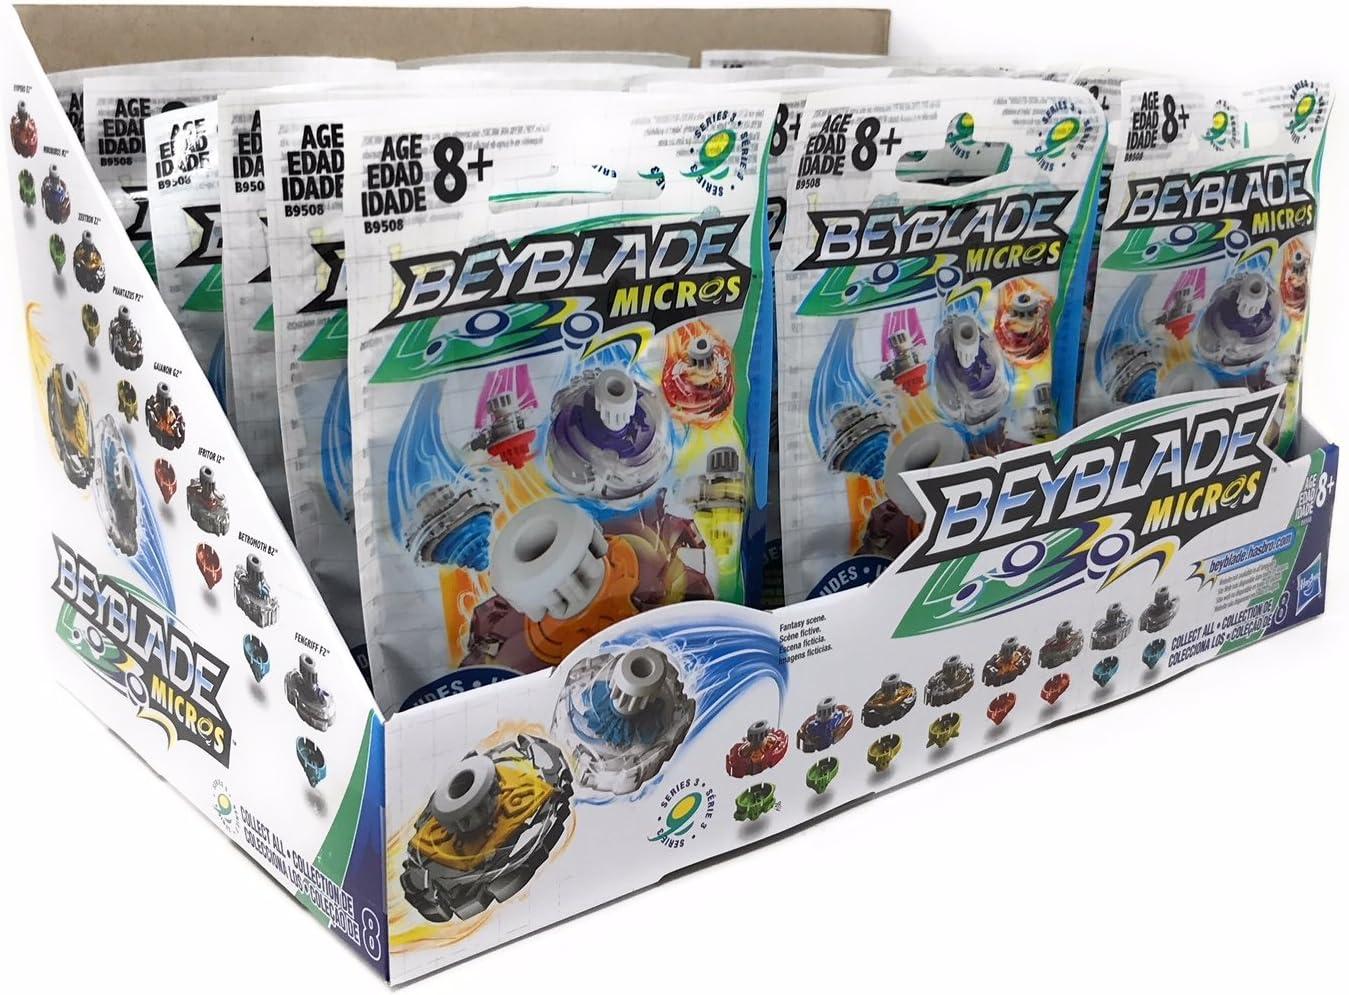 Case of 24 Beyblade Micros Series 1 Mini Tops Blind Bag